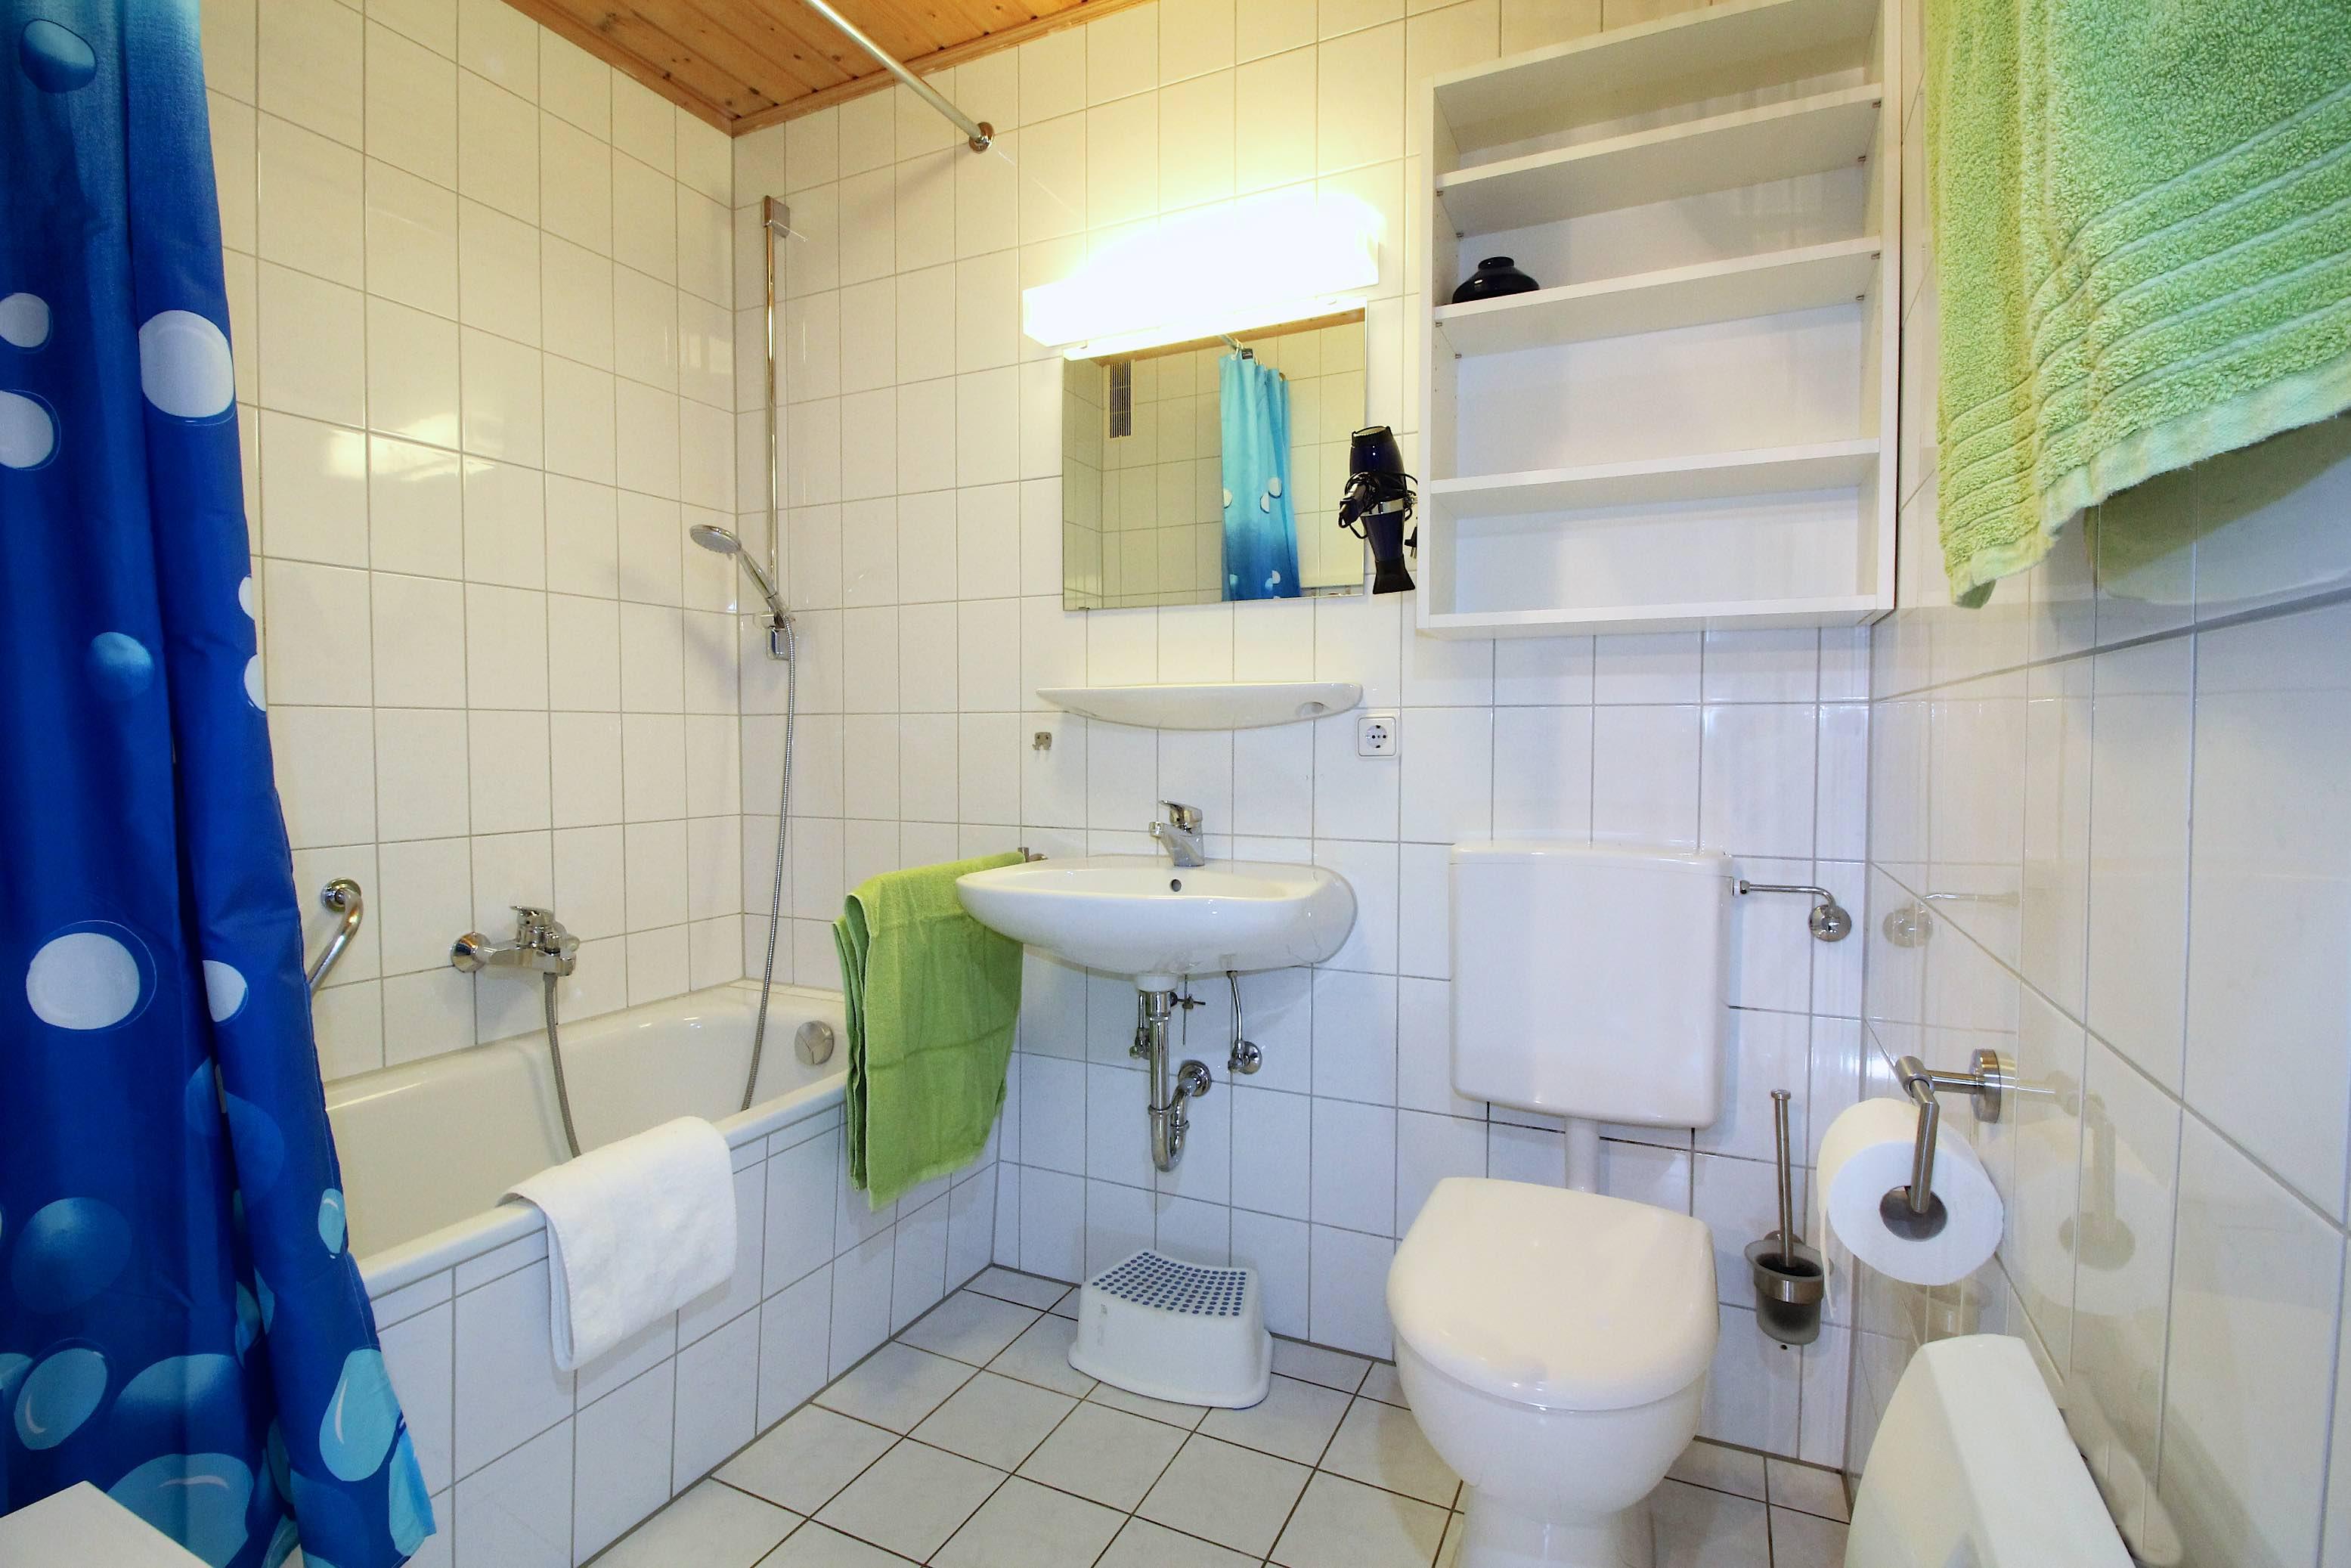 Badezimmer:...mit Badewanne und Toilette